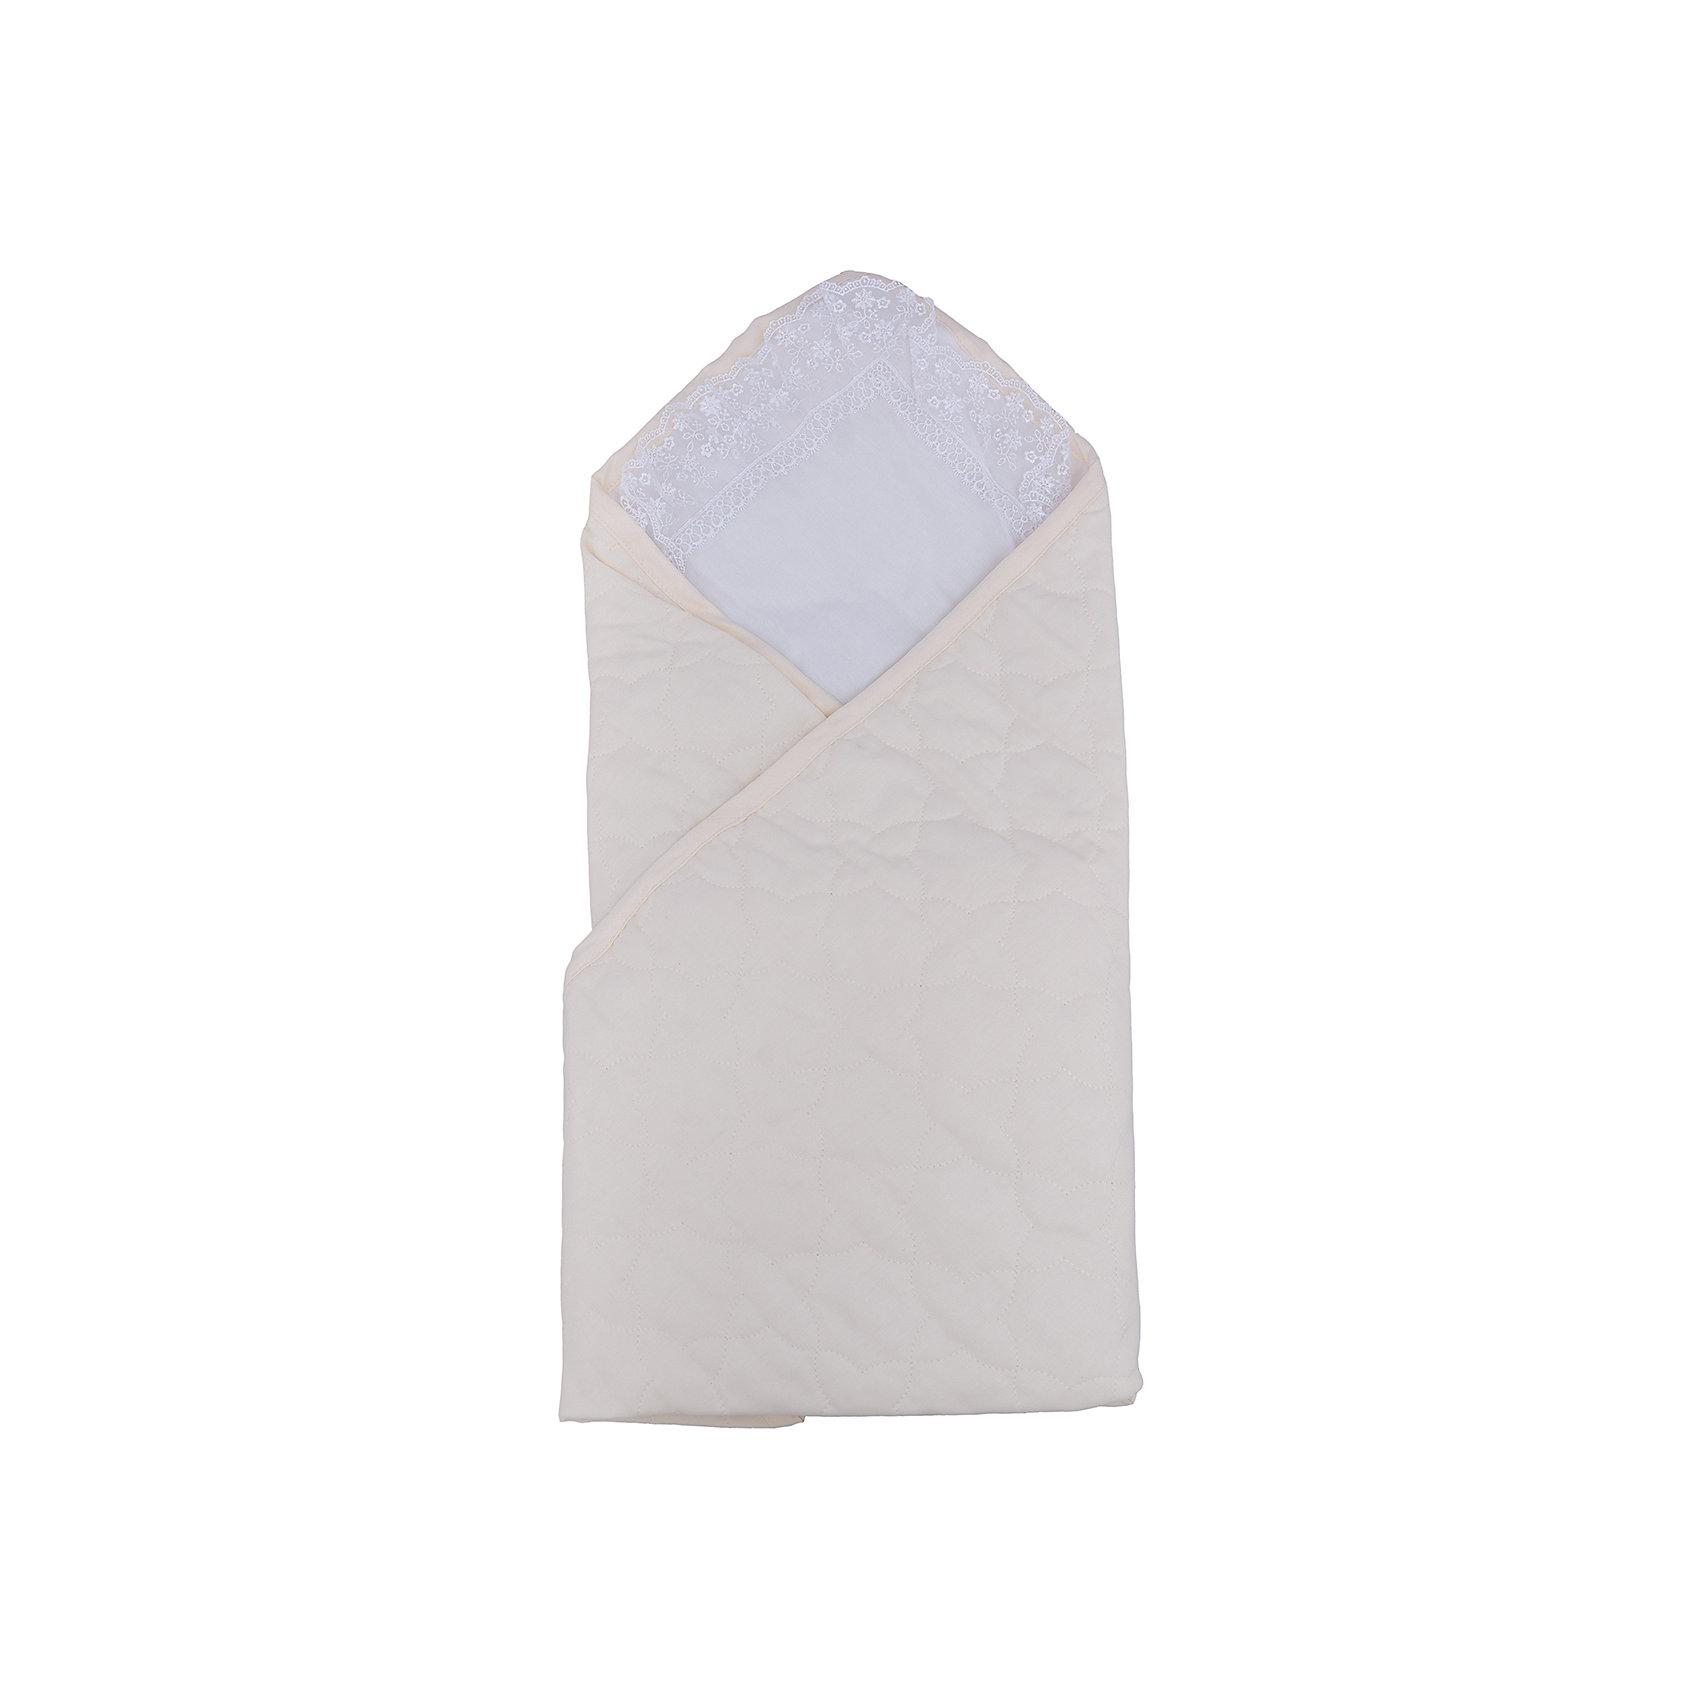 Сонный гномик Конверт-одеяло на выписку Ласточка Сонный гномик, бежевый сонный гномик конверт на выписку снежная сказка голубой